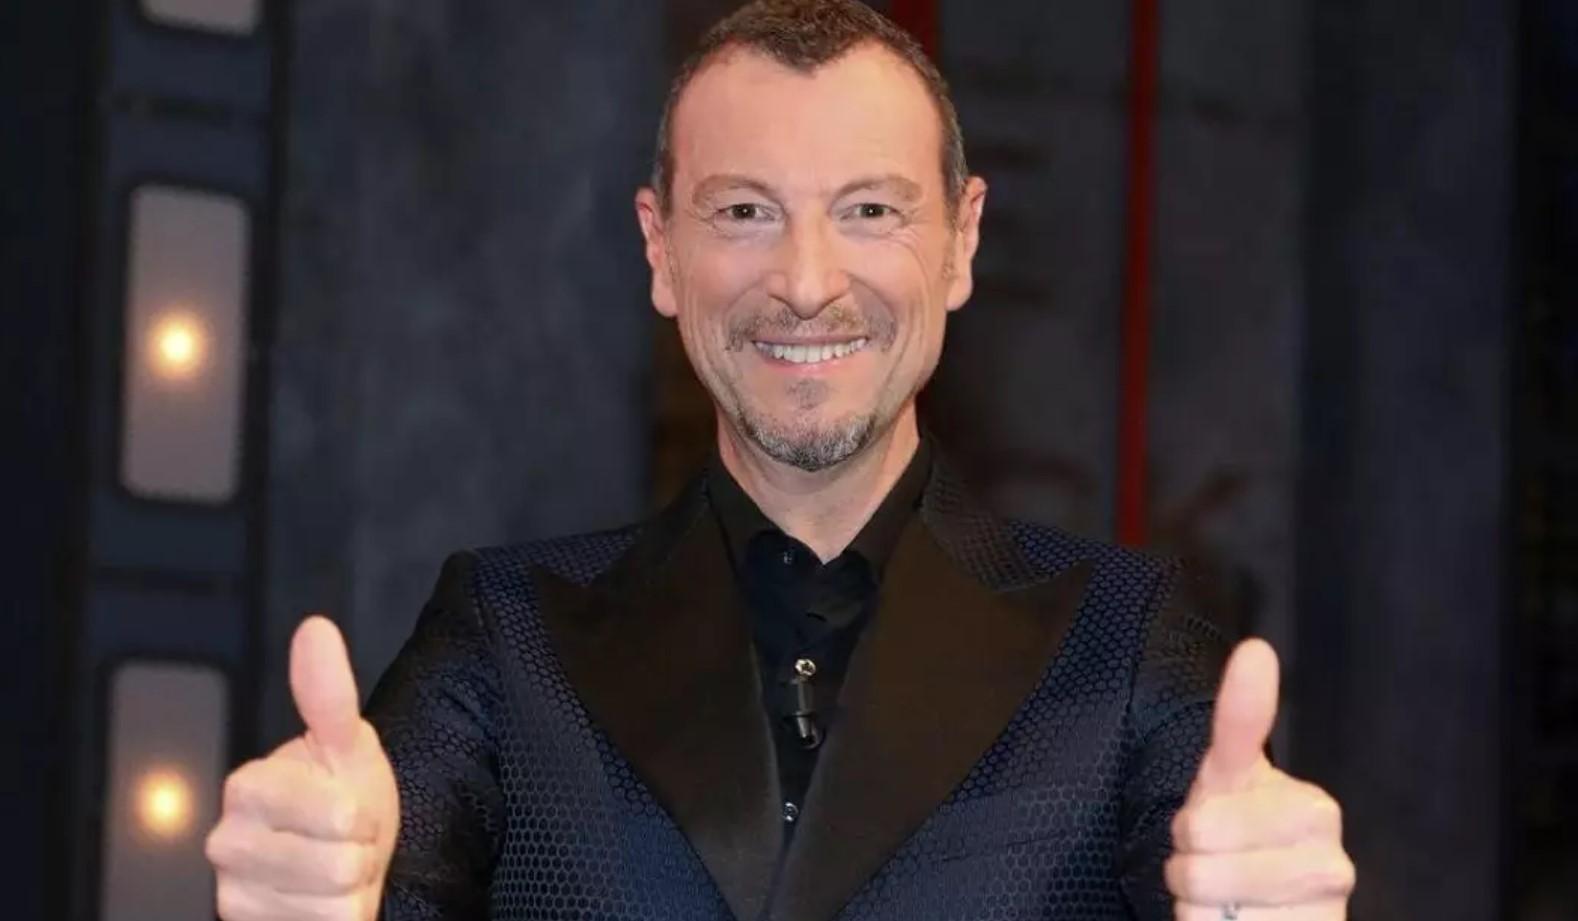 Sono arrivate 200 canzoni : Le parole di Amadeus sul cast di Sanremo 2020